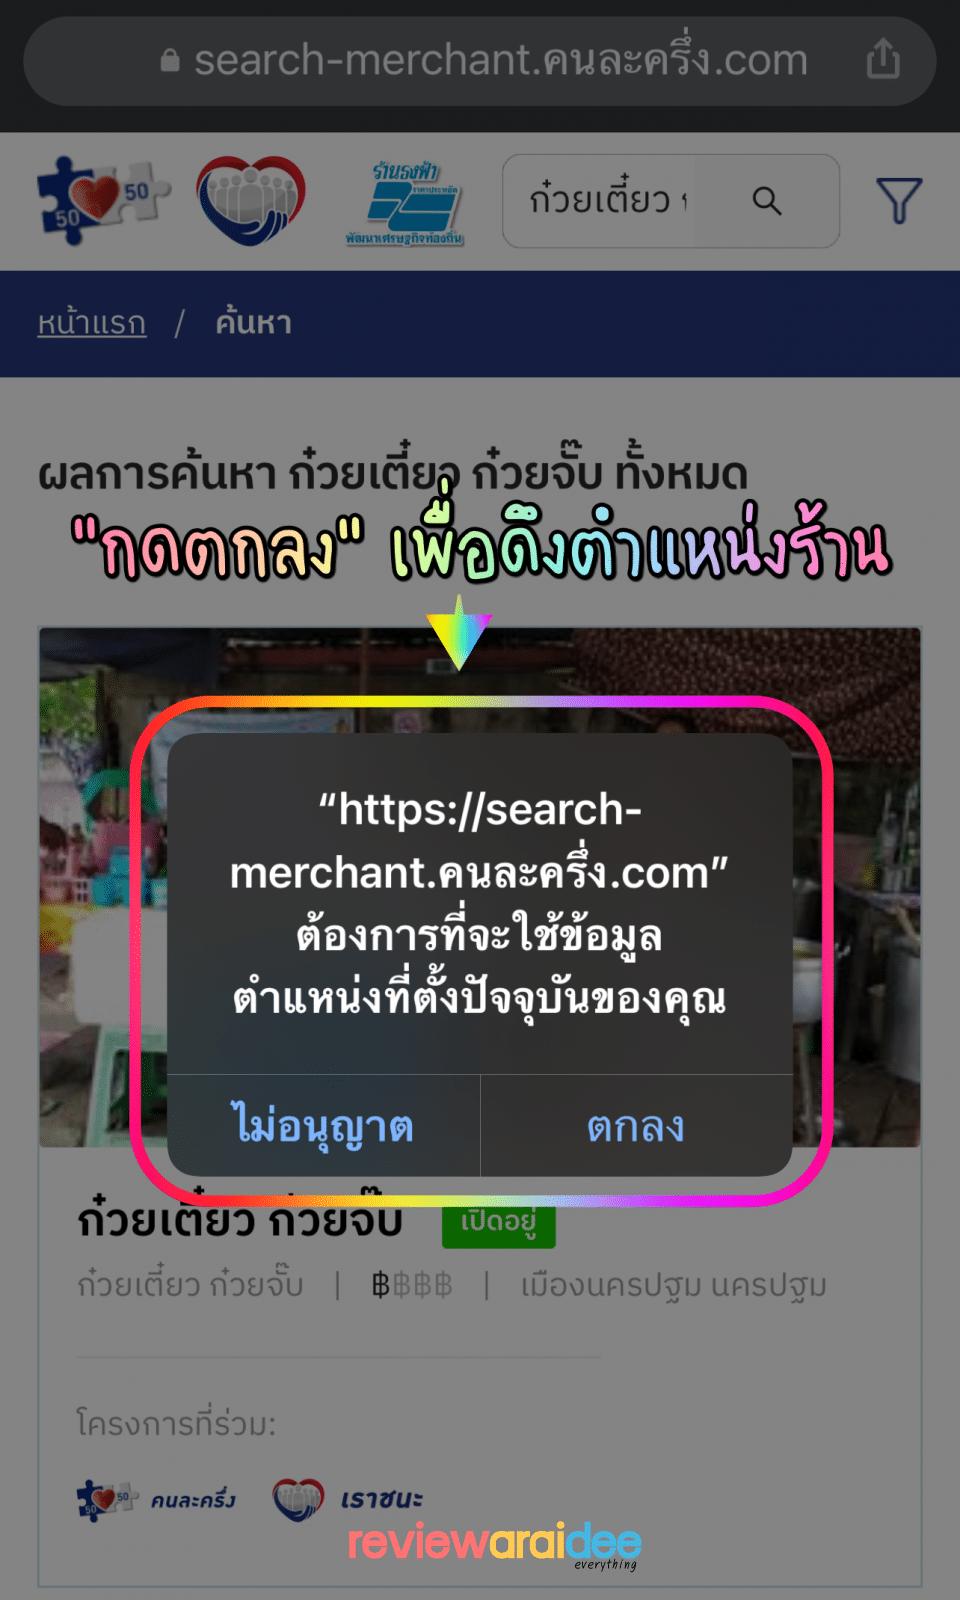 #สรุปให้ ร้านเราชนะแม่ฮ่องสอน รายชื่อร้านค้าเราชนะ มีที่ไหนบ้าง ? แยกแต่ละอำเภอ